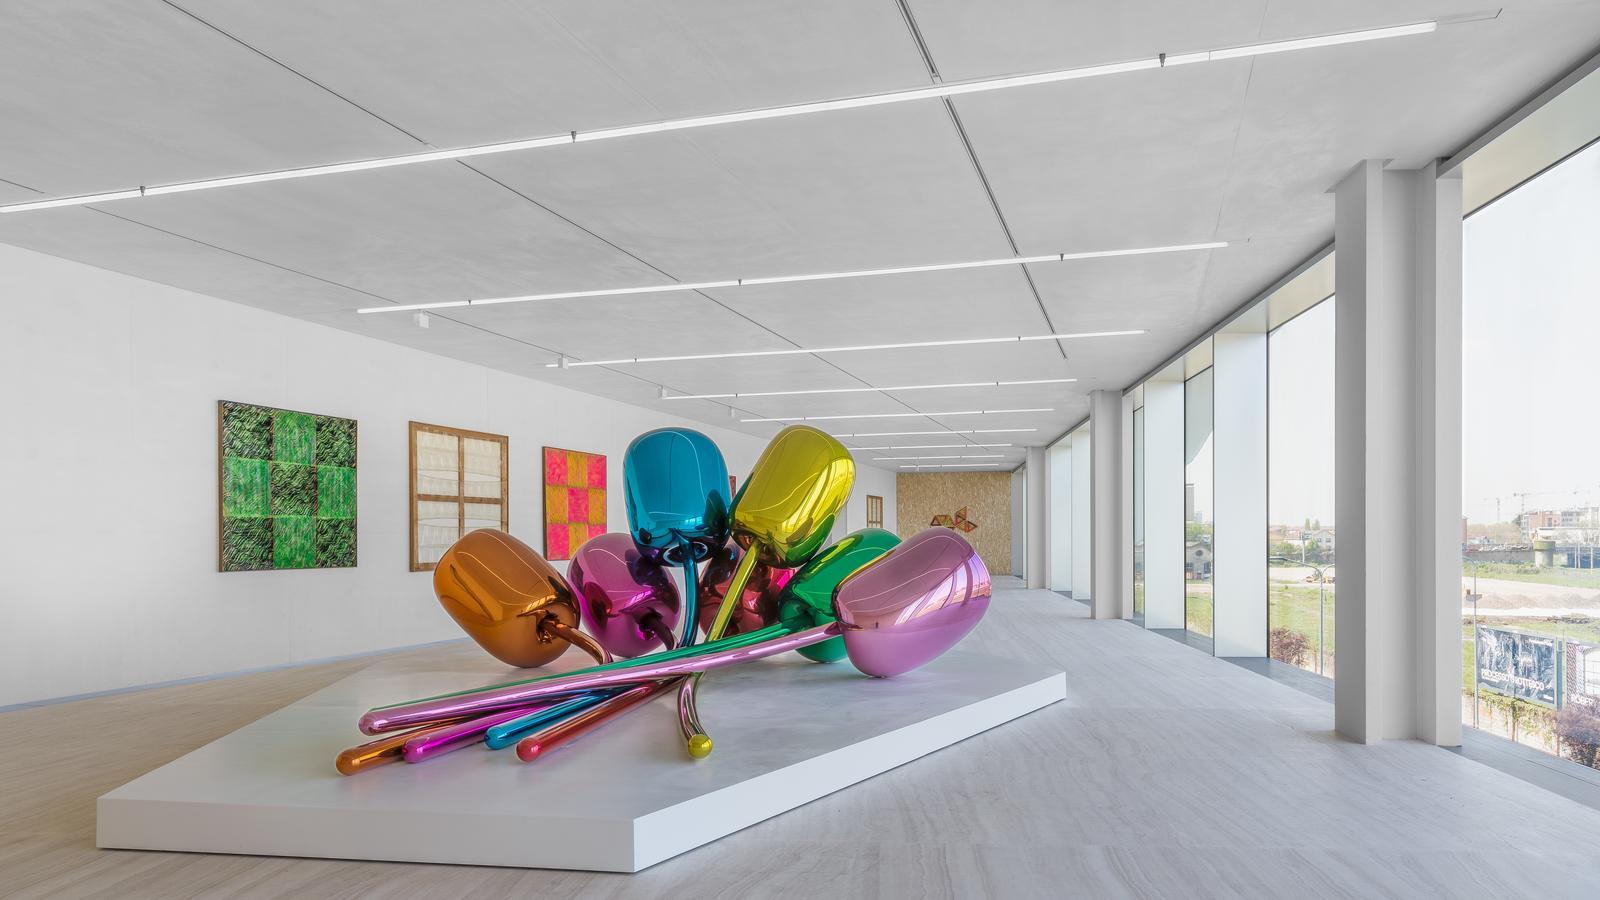 Przepych spotyka awangardę, czyli Fendi, Prada i Kering inwestują w sztukę